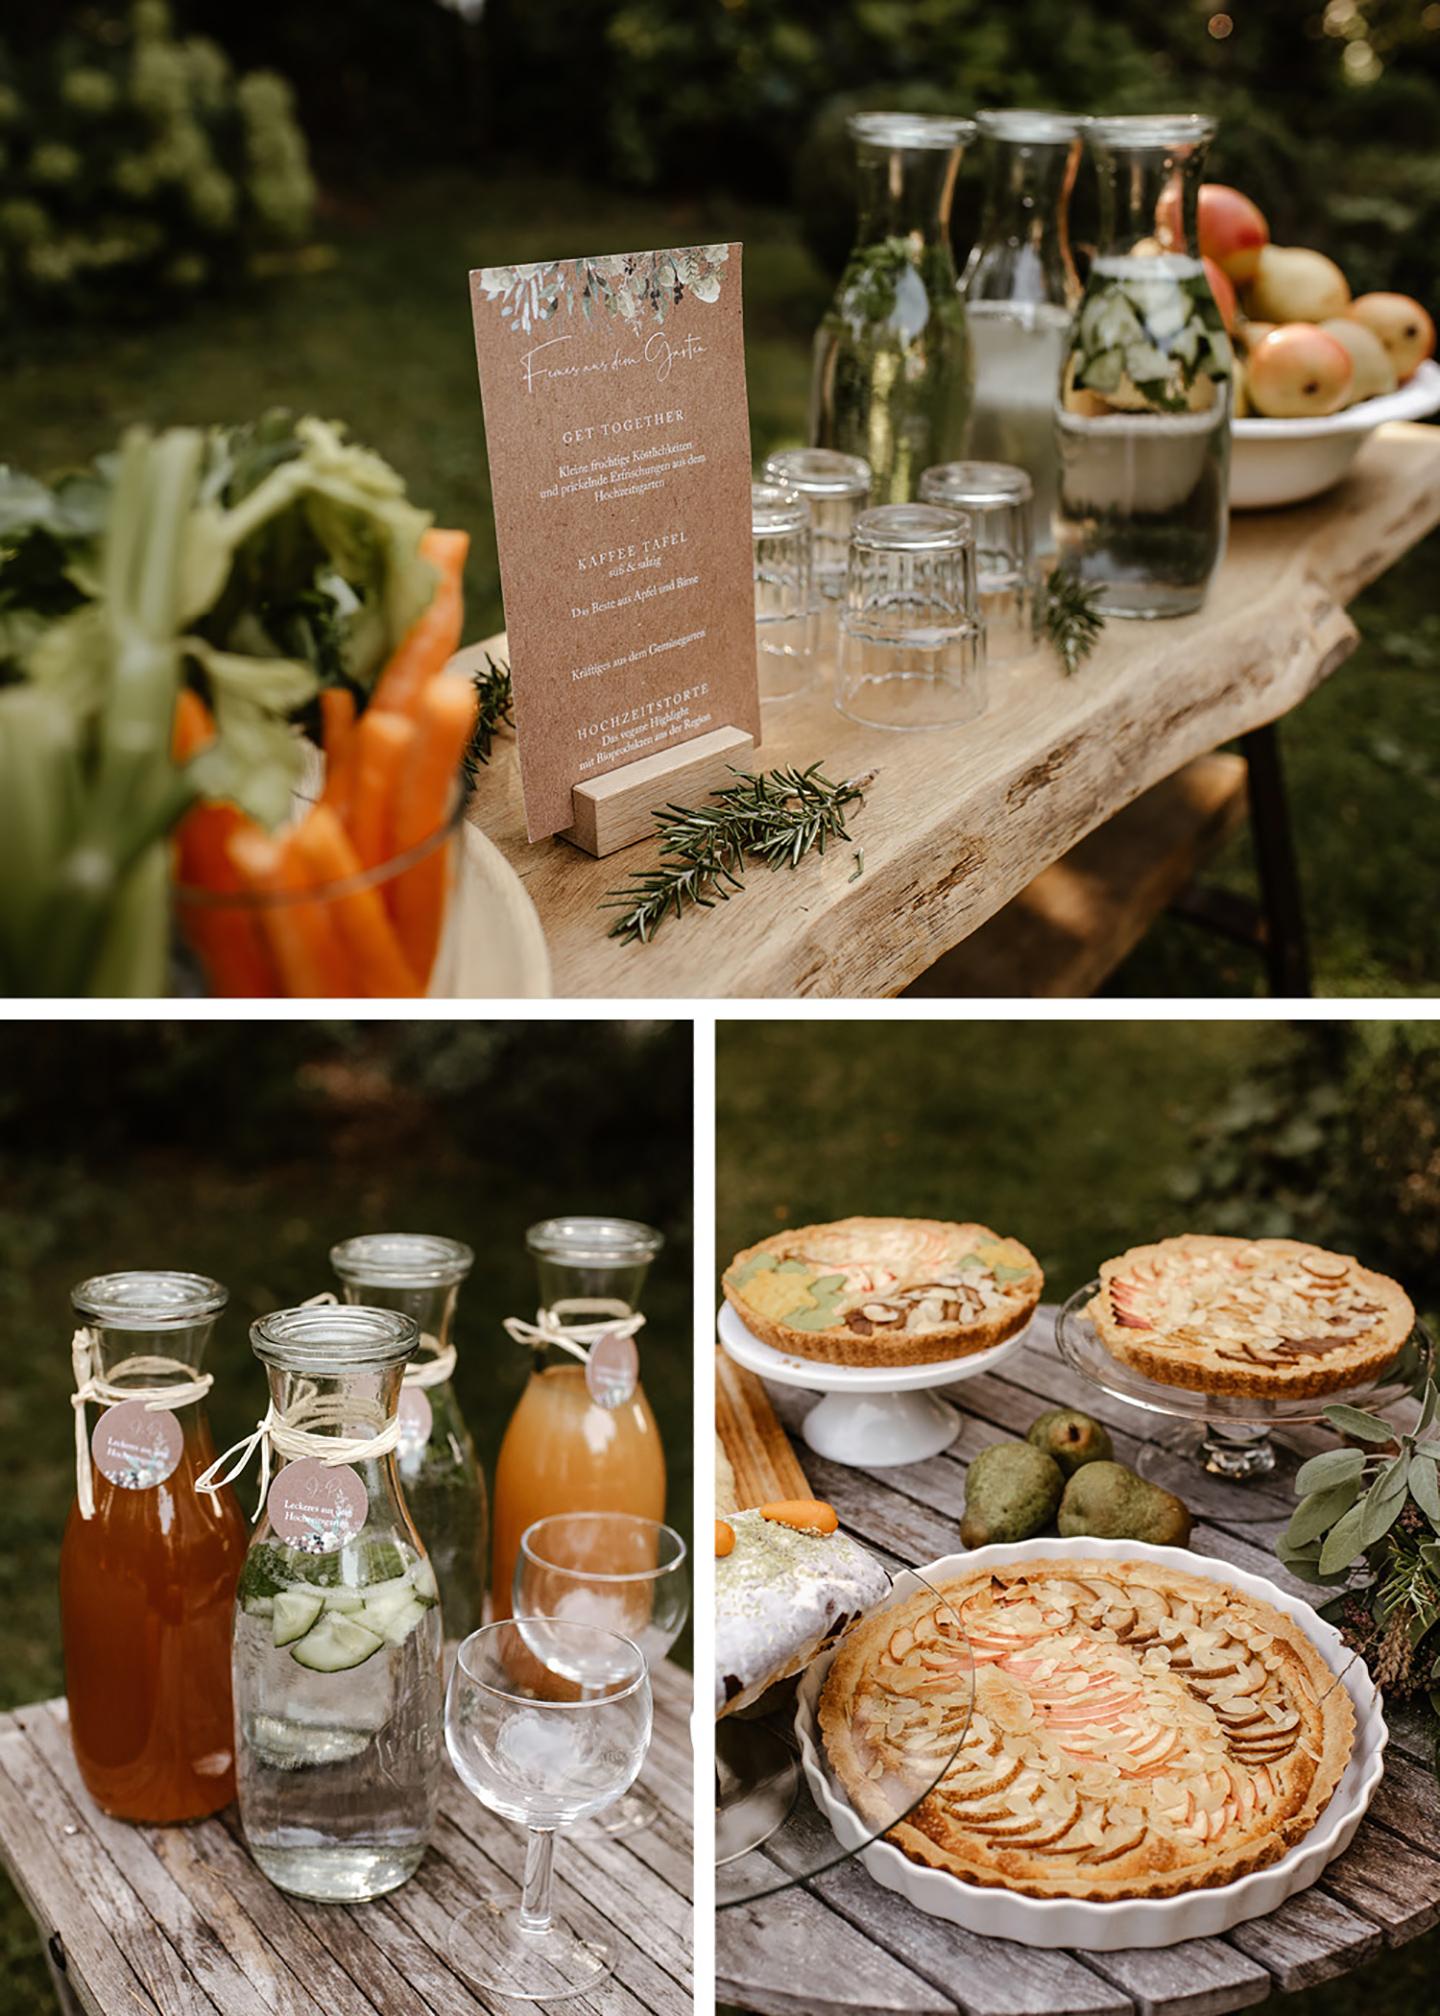 Das Kuchenbuffet sowie eine Saftbar befindet sich in der Nähe des Hochzeitstisches. Das Buffet ist von hier aus von allen gut zu erreichen. Zu sehen ist, wie die Speisen und Getränke liebevoll drapiert wurden.